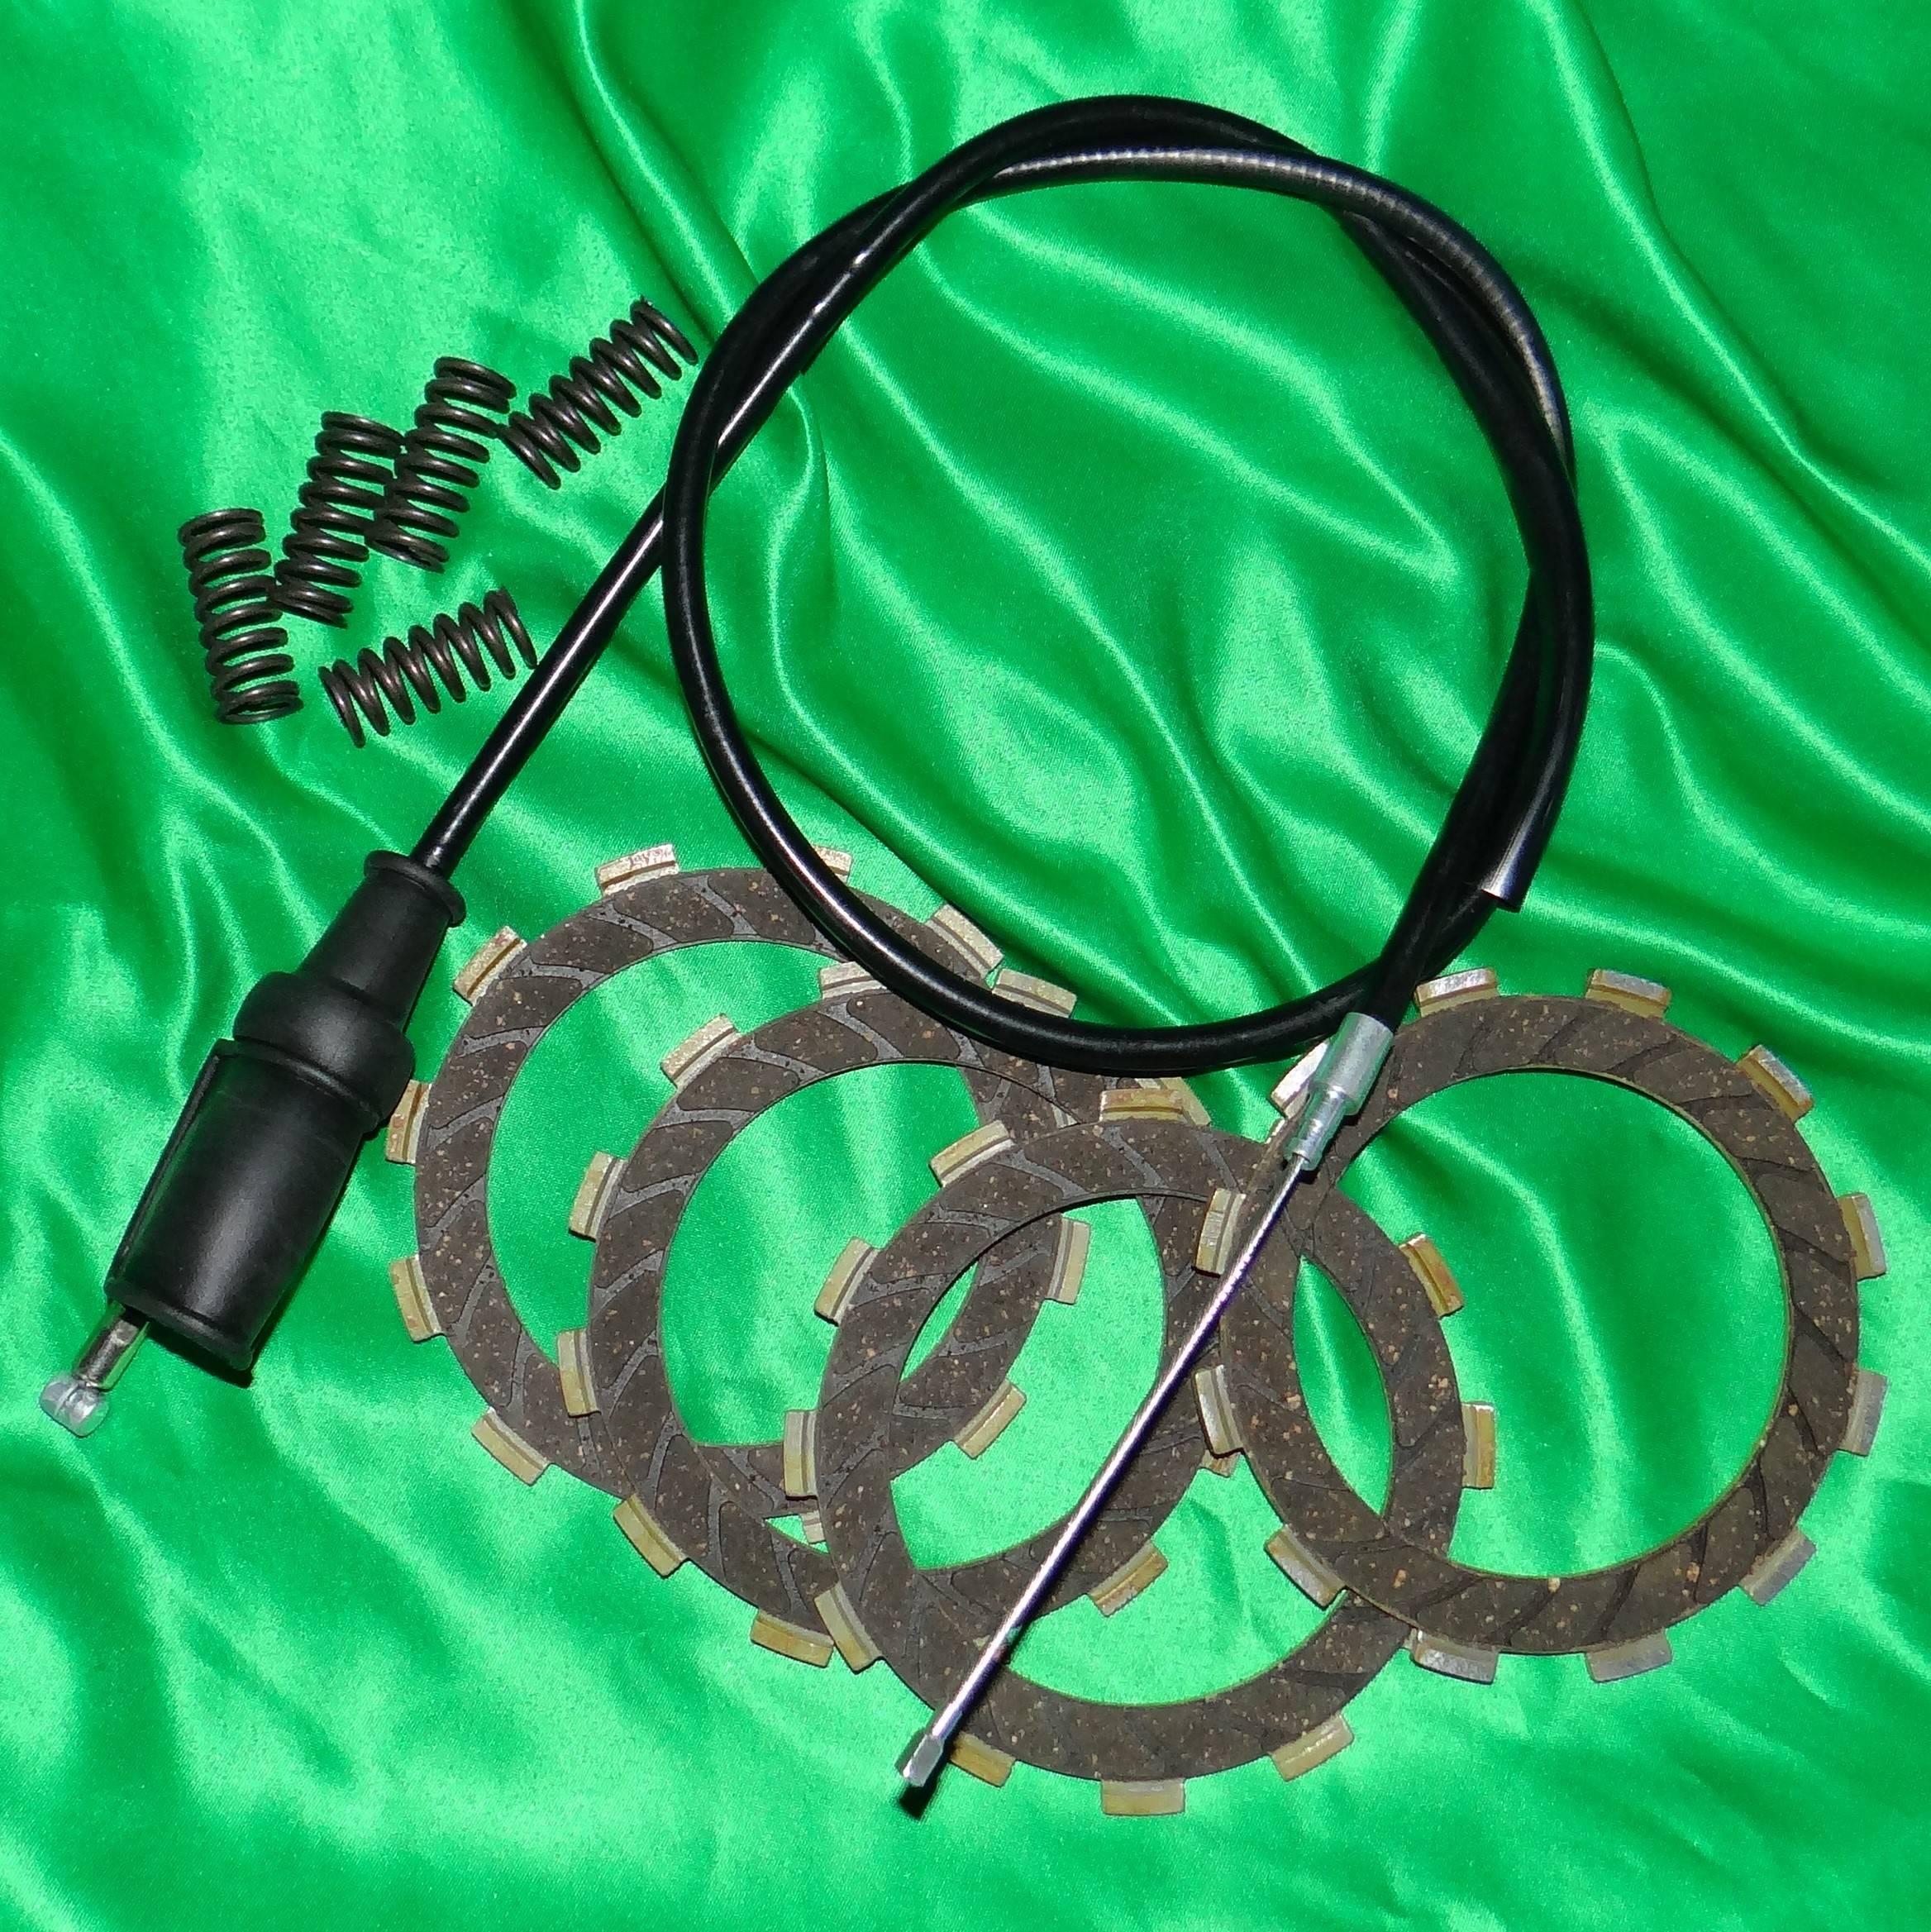 Disque d'embrayage, ressort, cable d'embrayage,... pour HONDA 2 temps